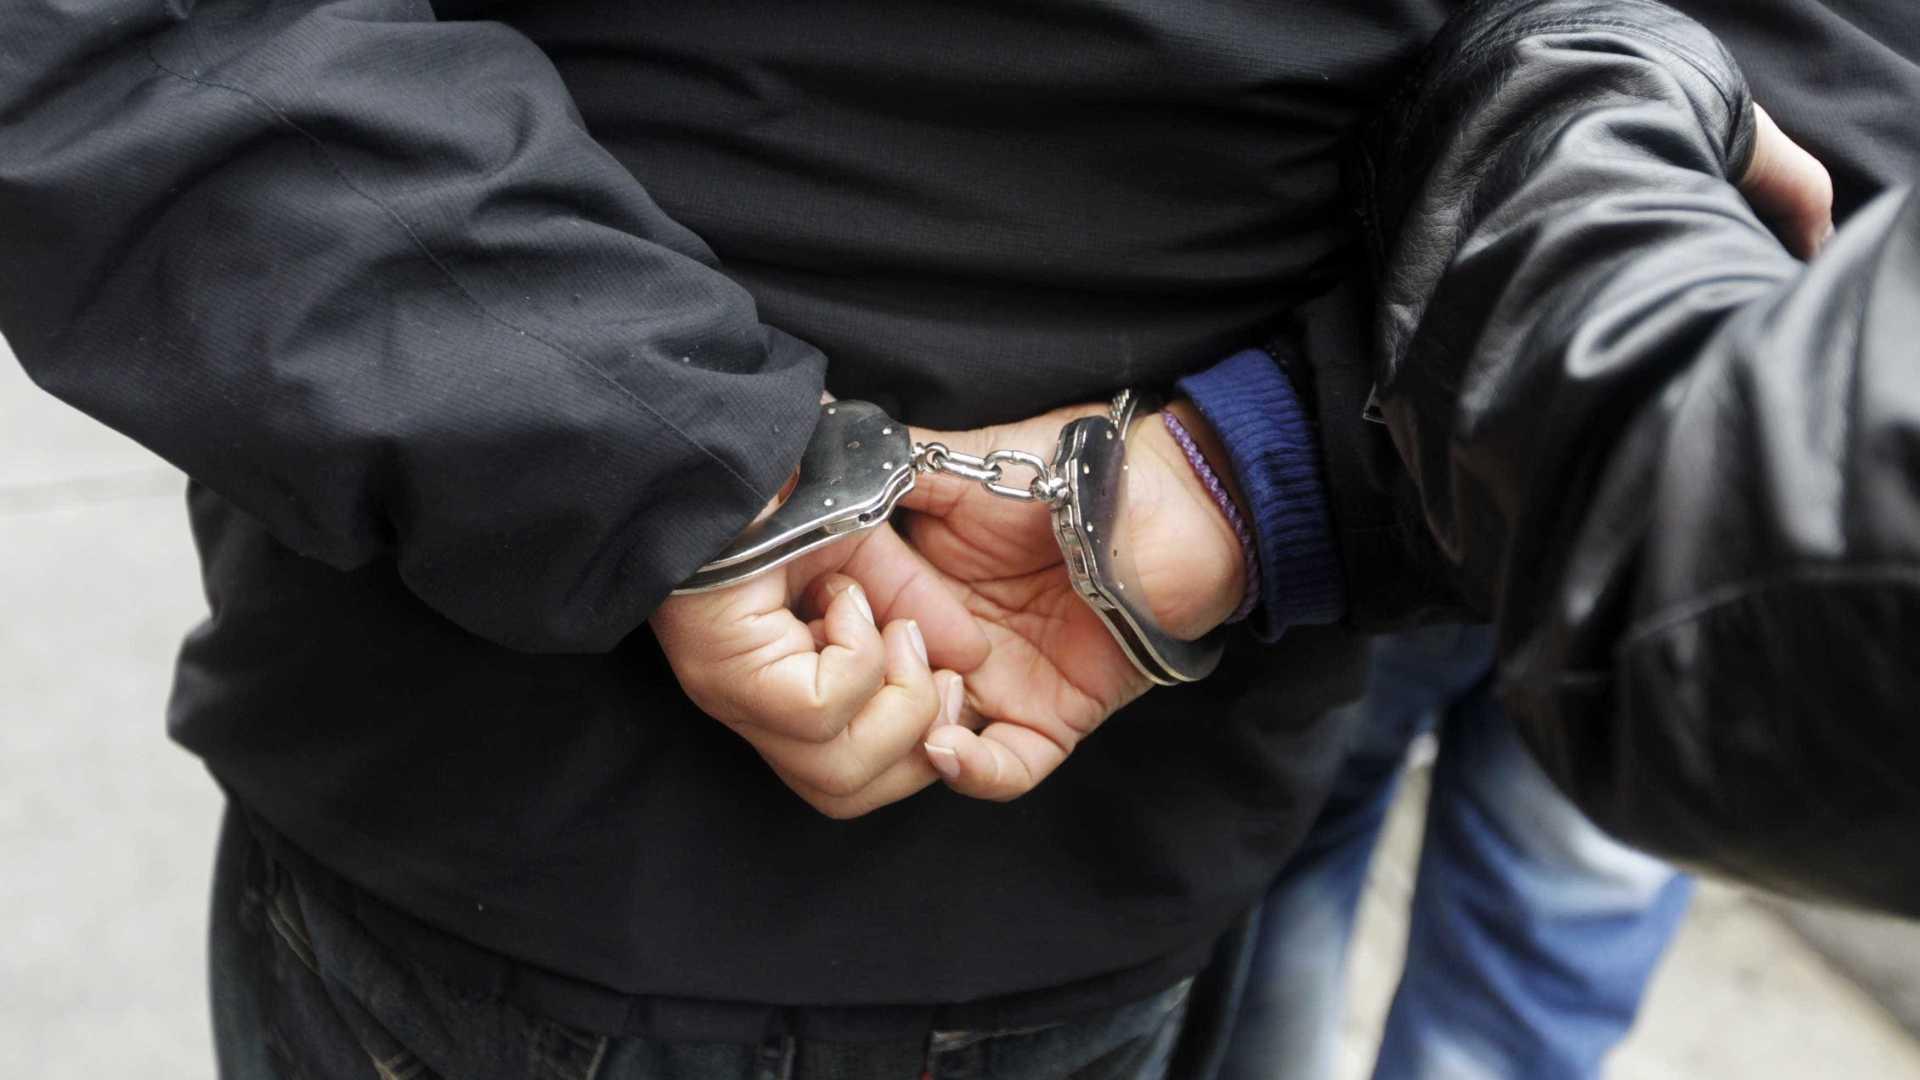 Polícia prende mais um suspeito pela morte da policial Juliane em SP